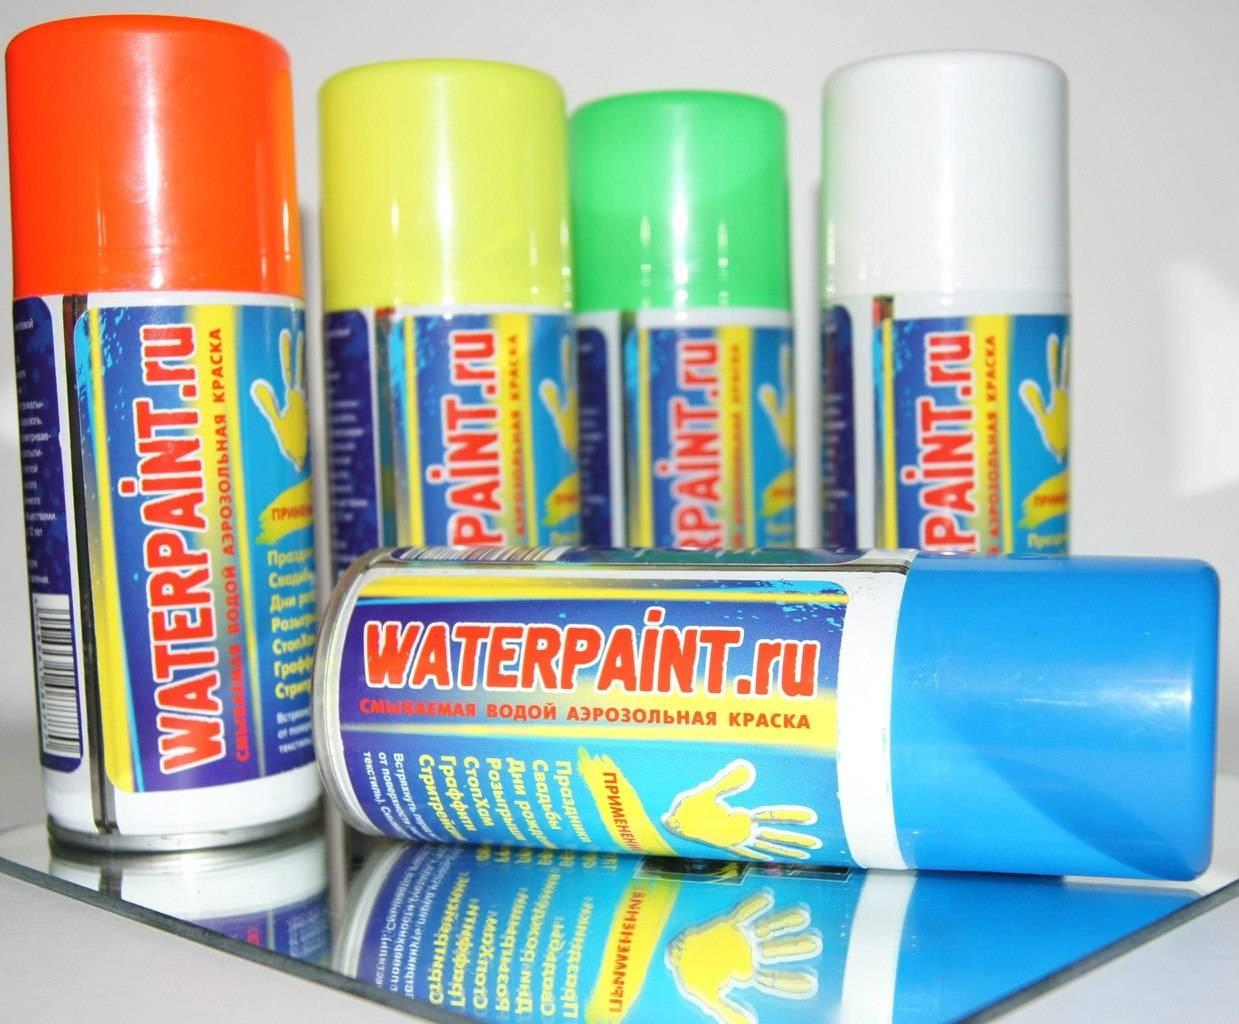 Чем покрасить пластик, чтобы покрытие держалось долго